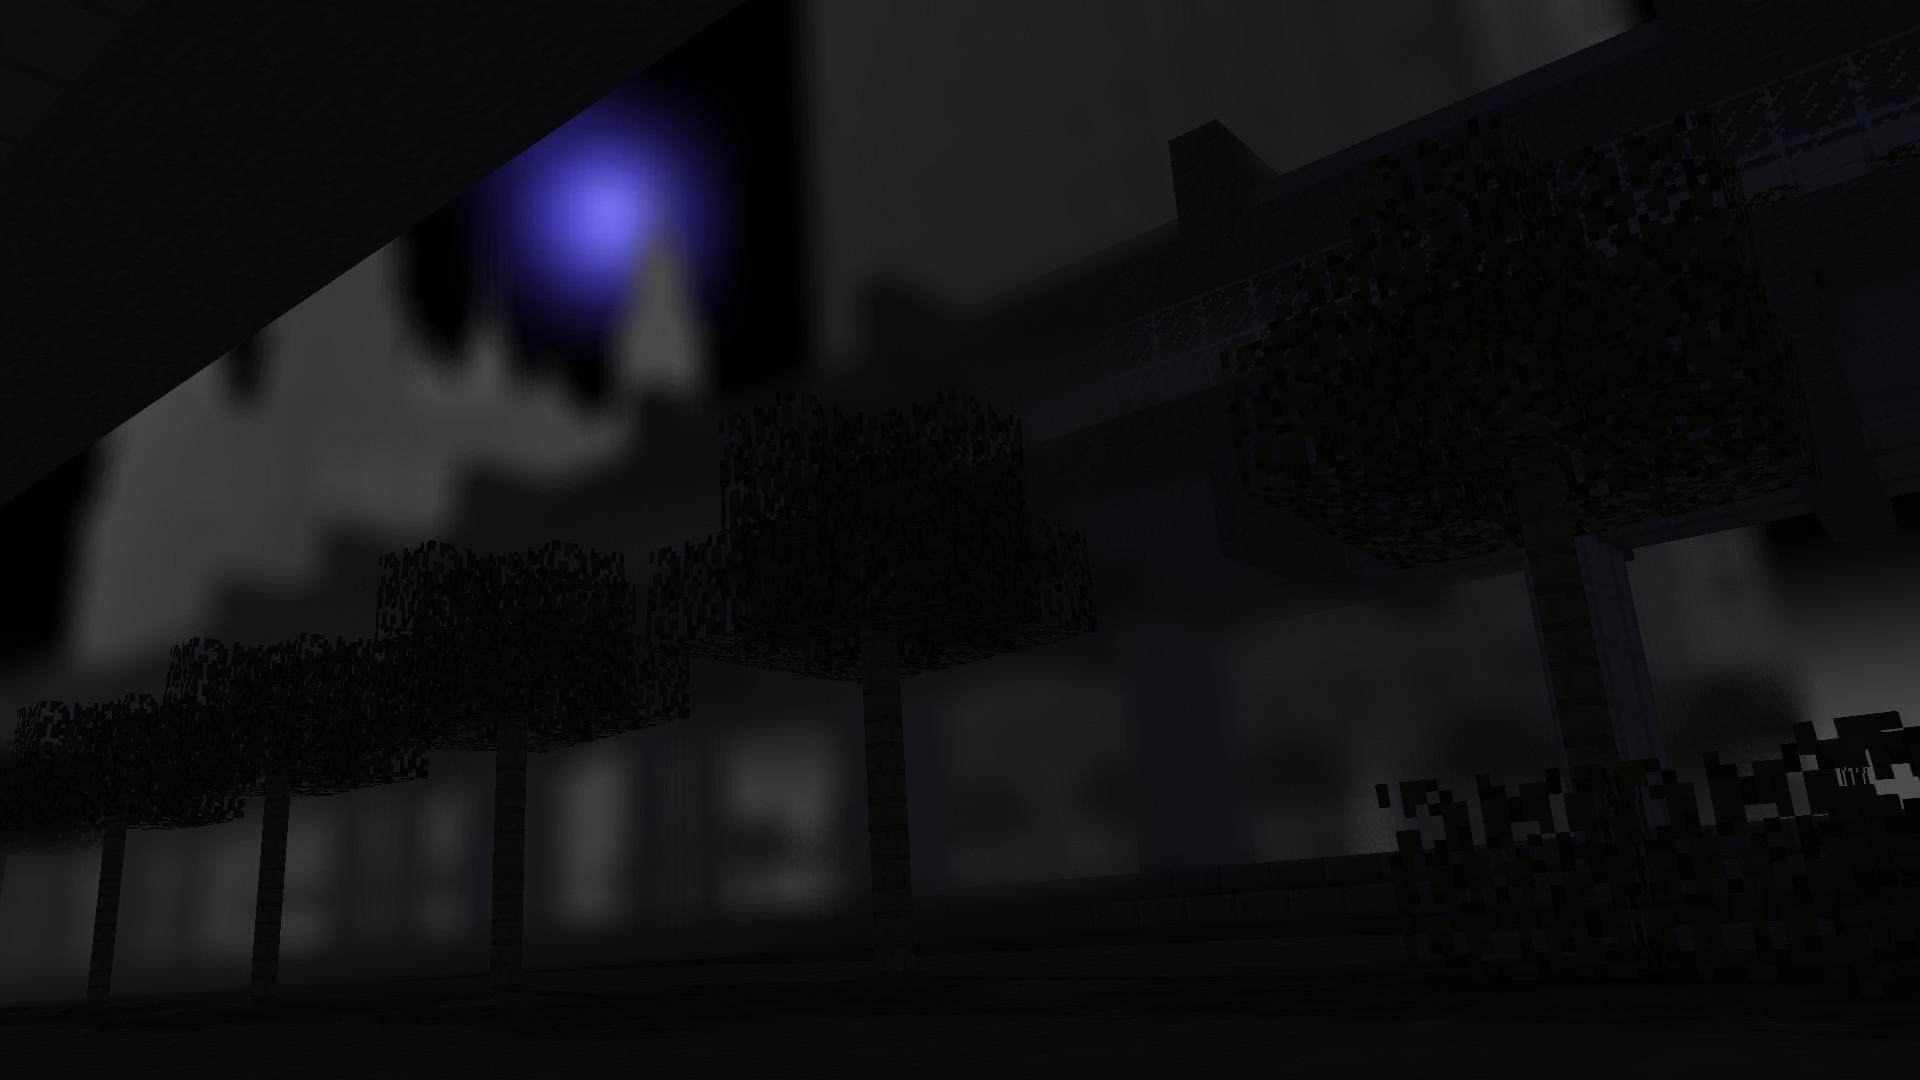 A Minecraft City Wallpaper at Night